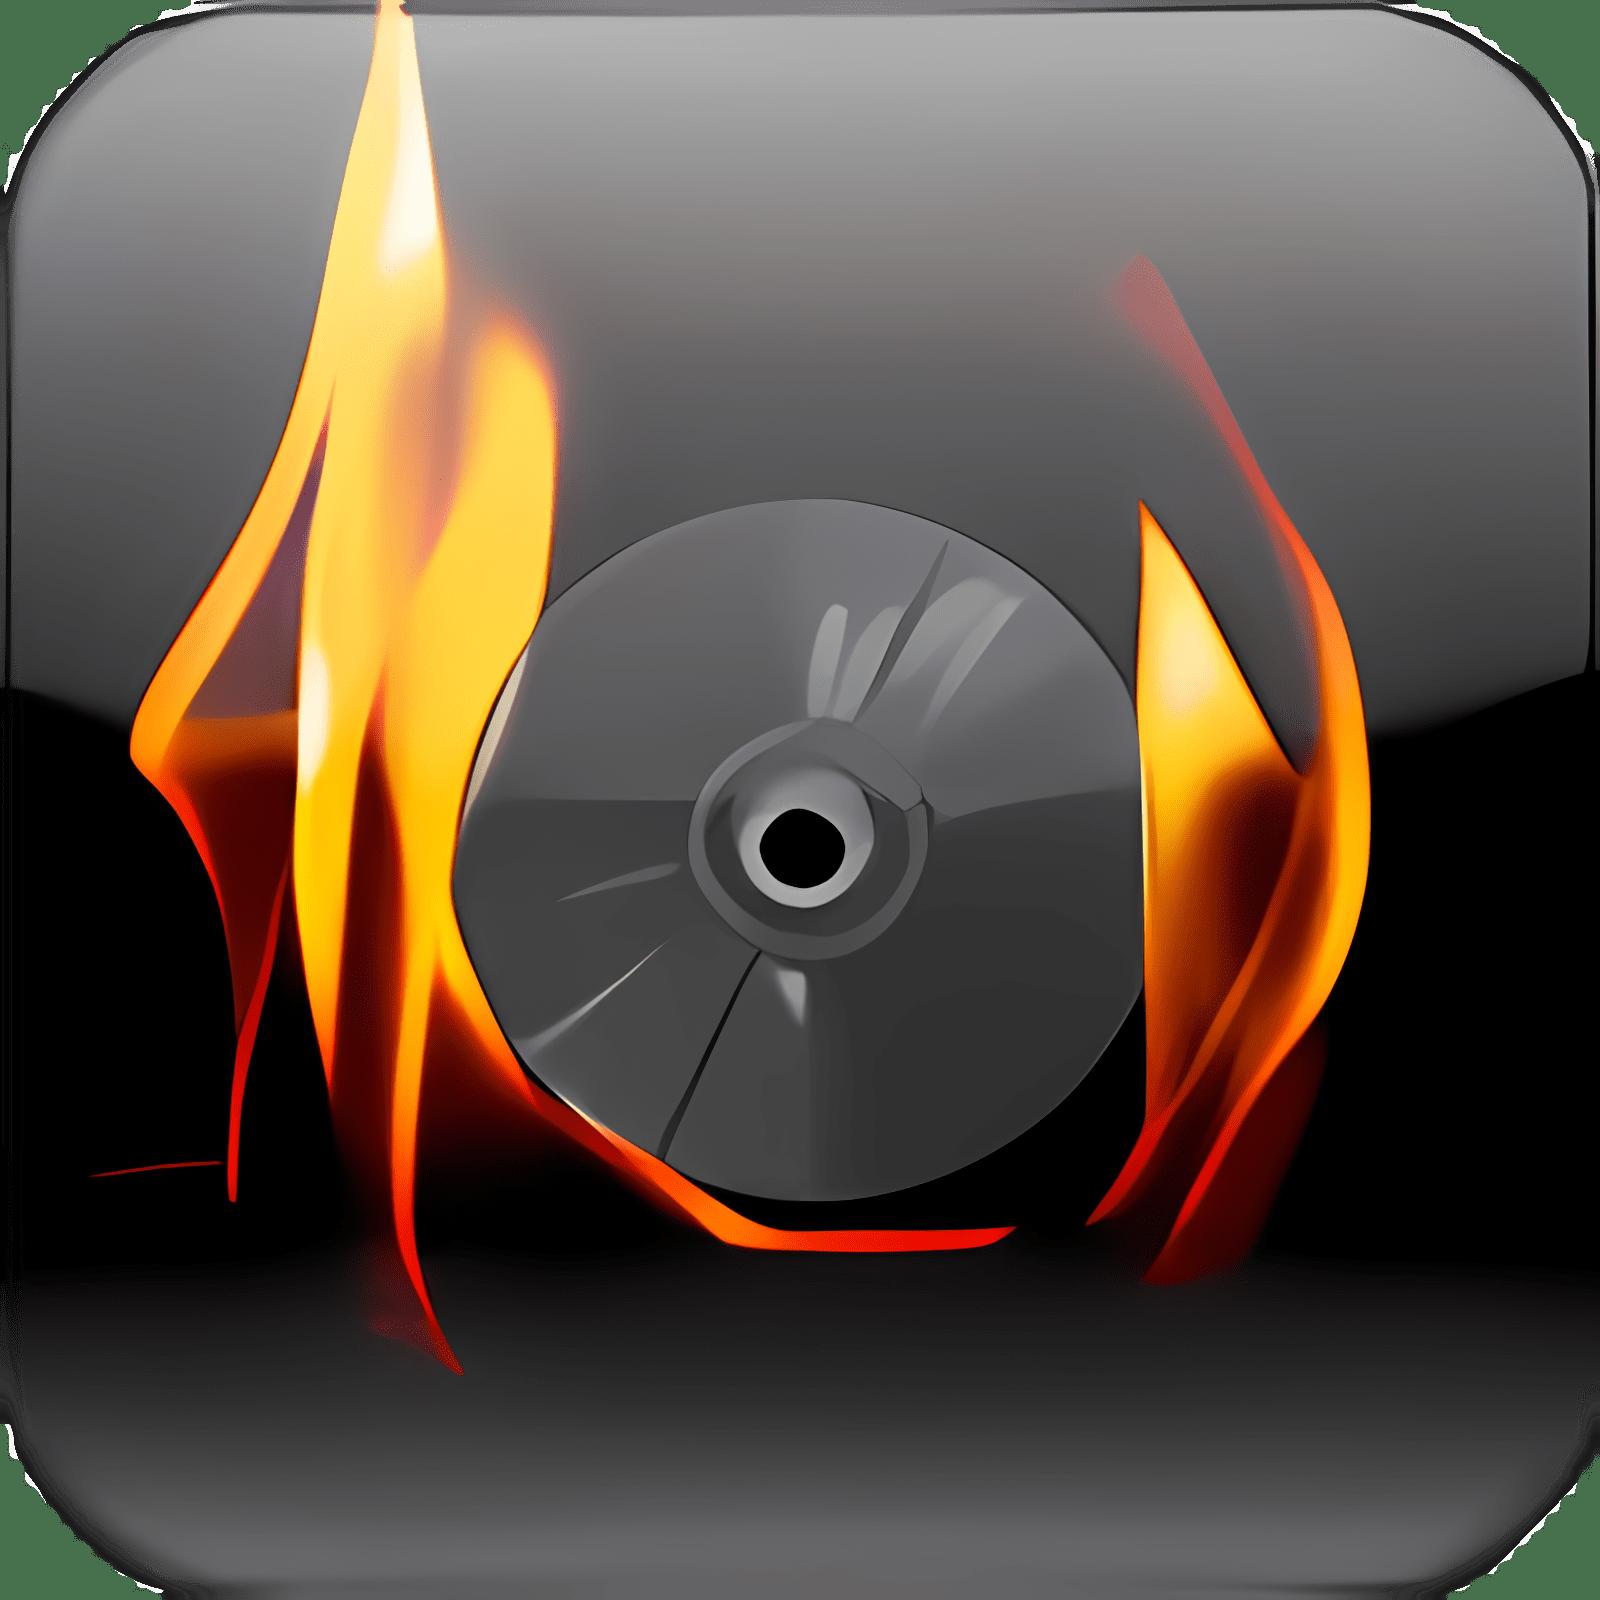 AmoK CD/DVD Burning